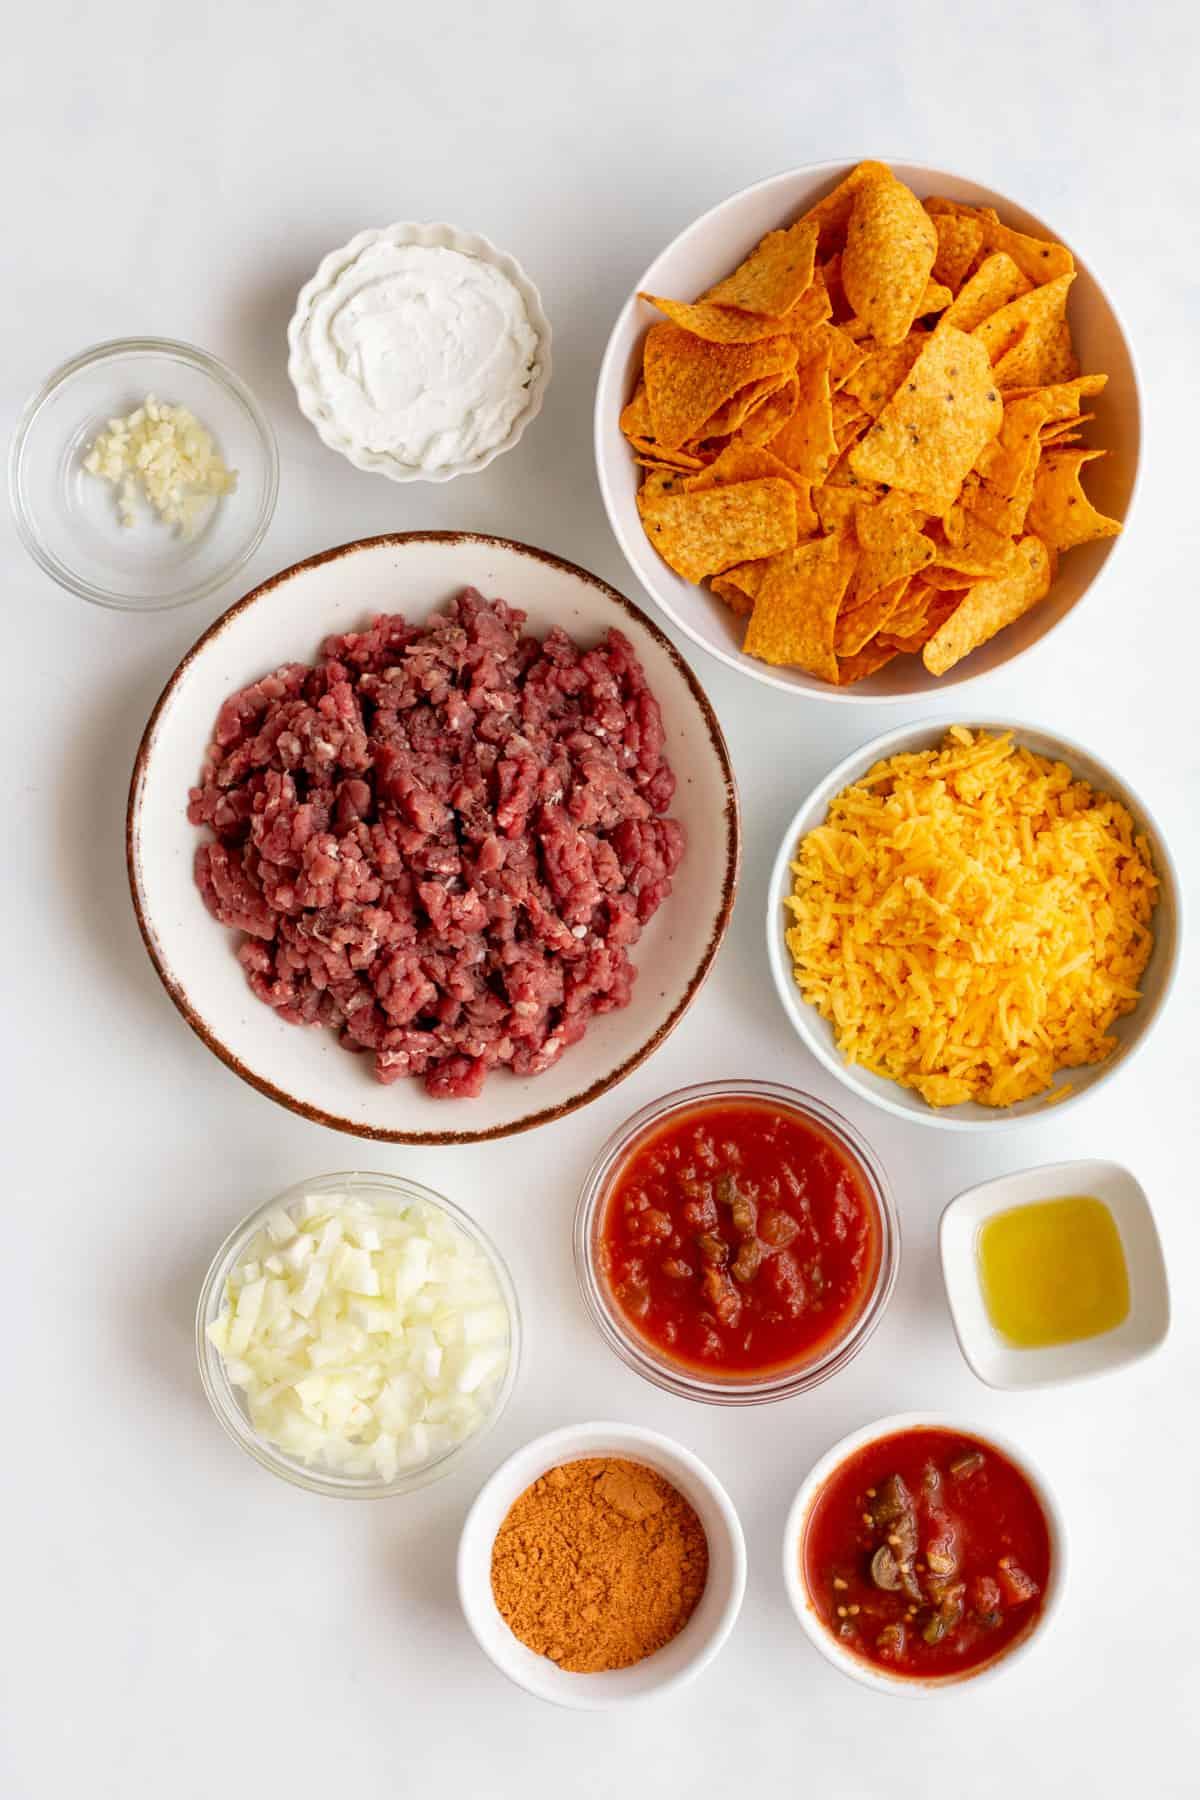 ingredients to make doritos casserole